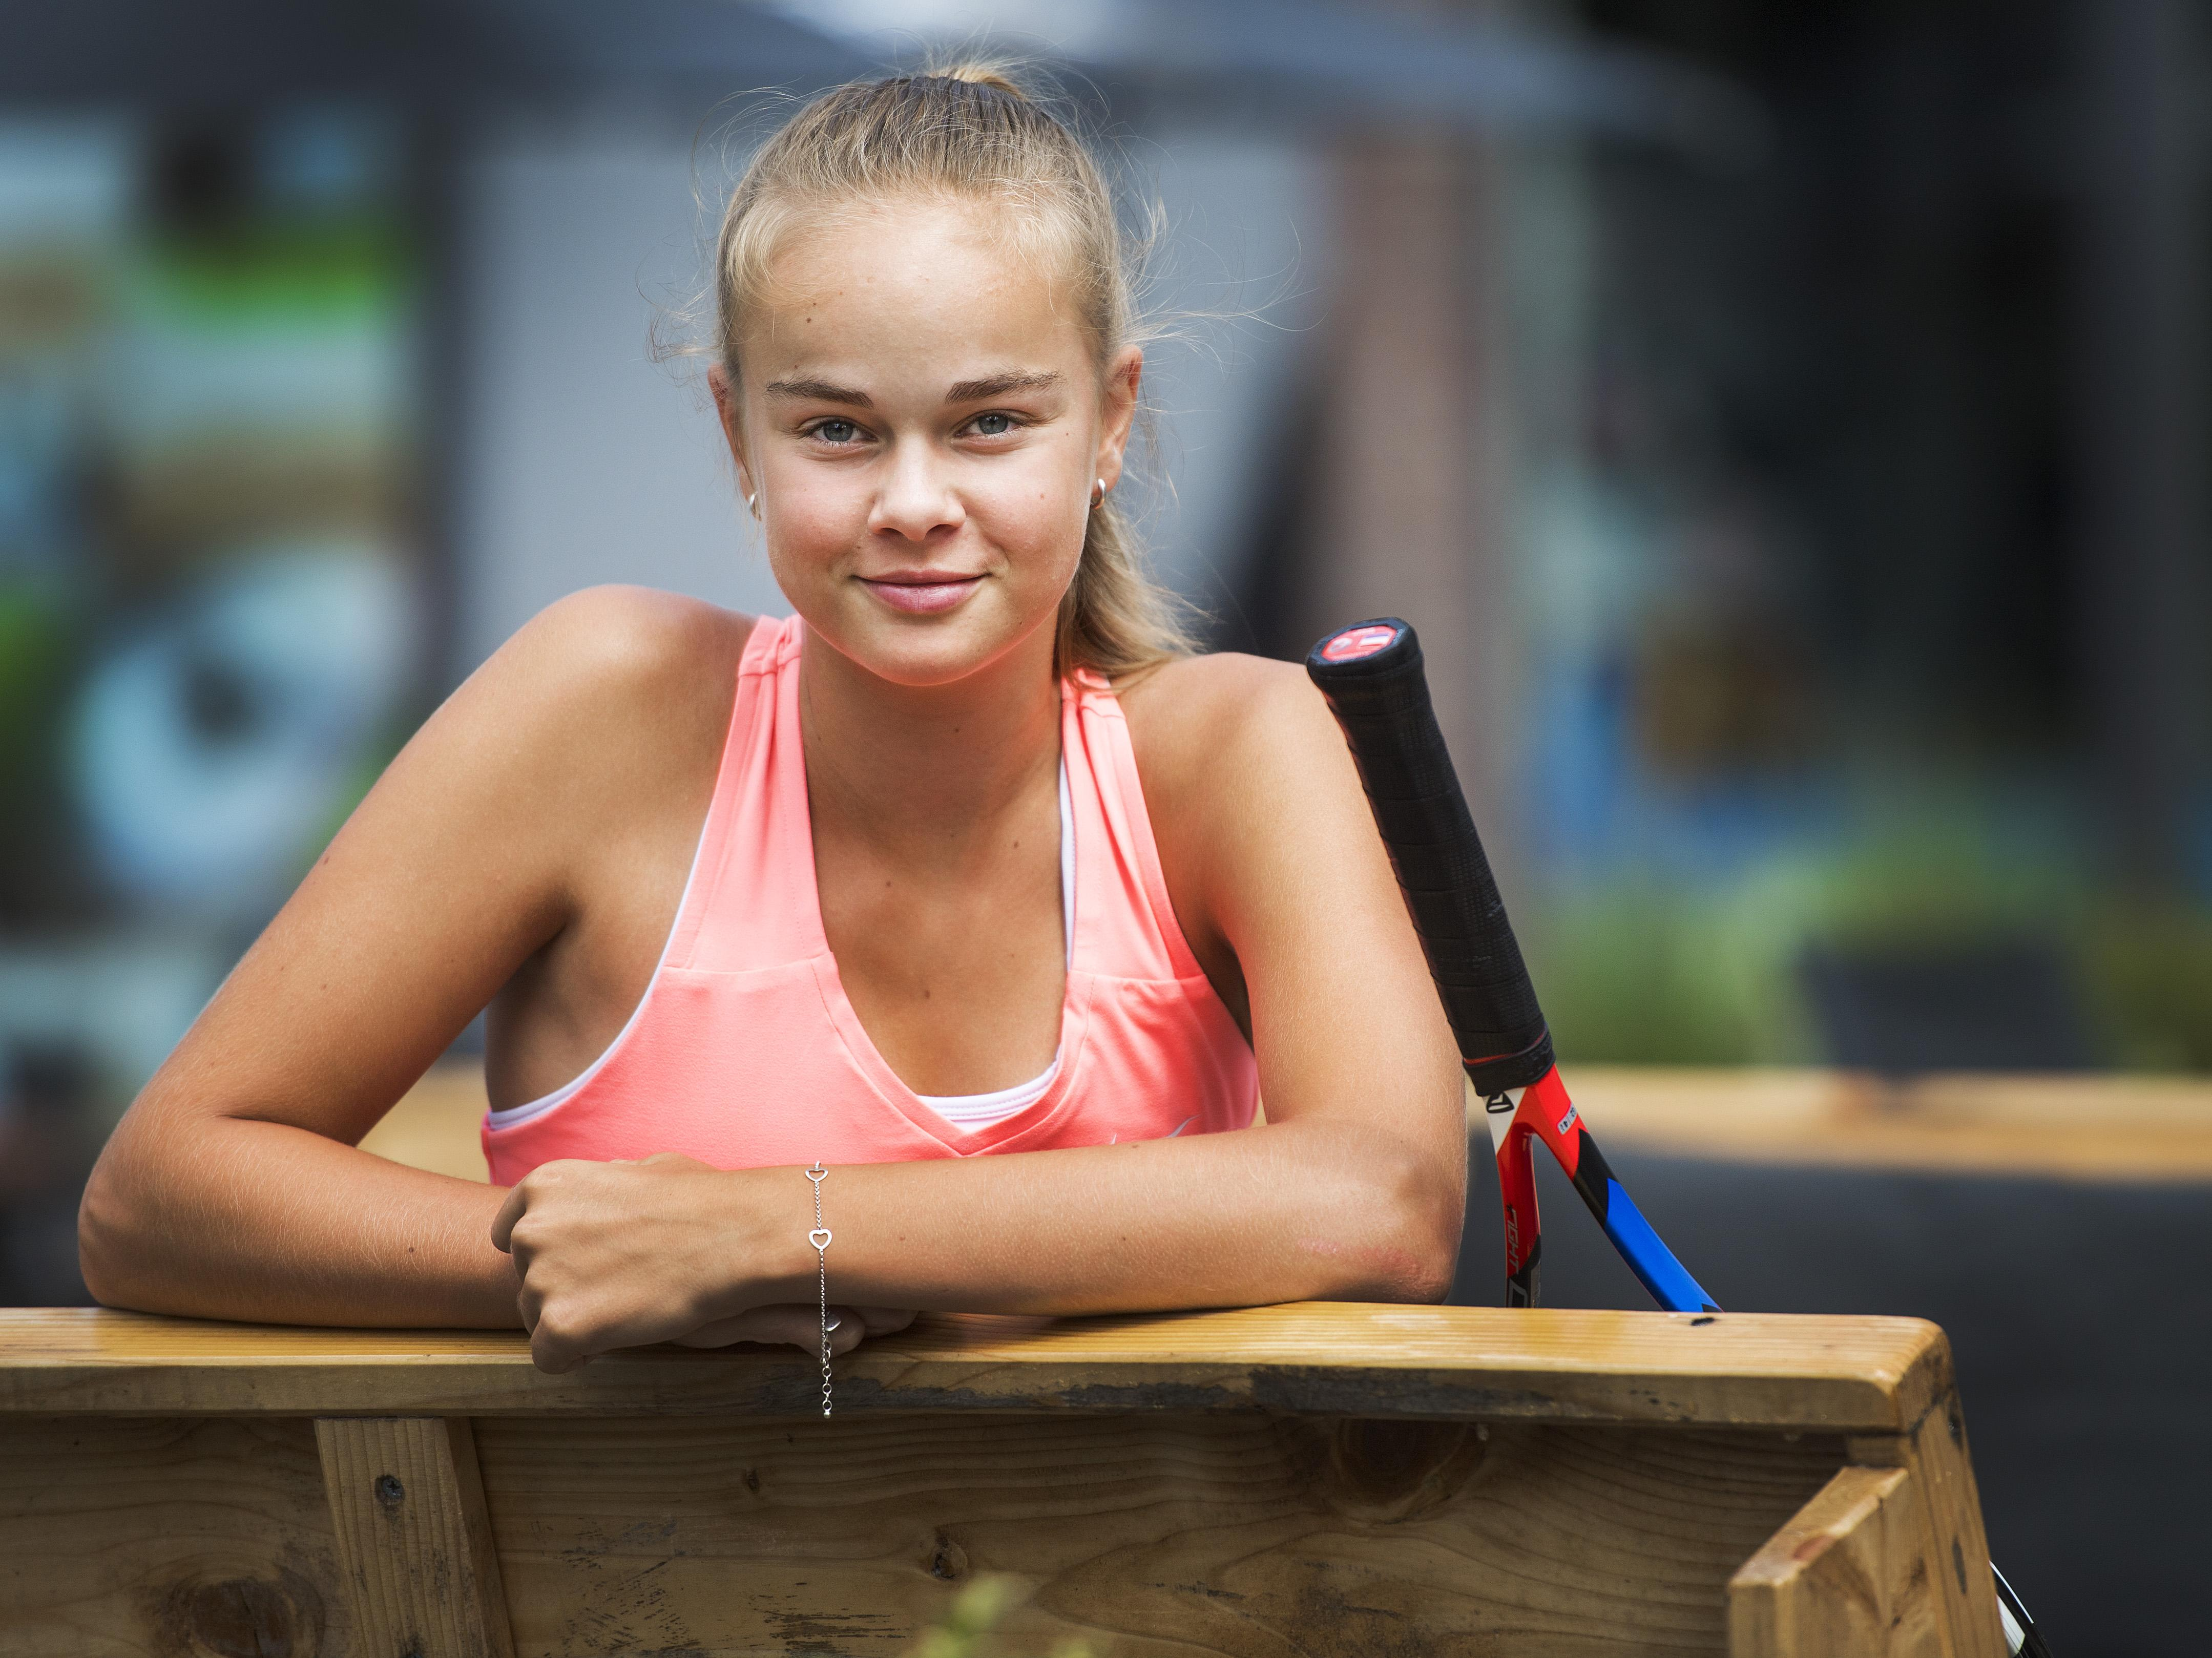 Ook Paul Haarhuis geniet van Bente Spee, het zeventienjarige tennistalent uit Heemstede: 'Ik kan de winnaarsmentaliteit van Bente absoluut waarderen'